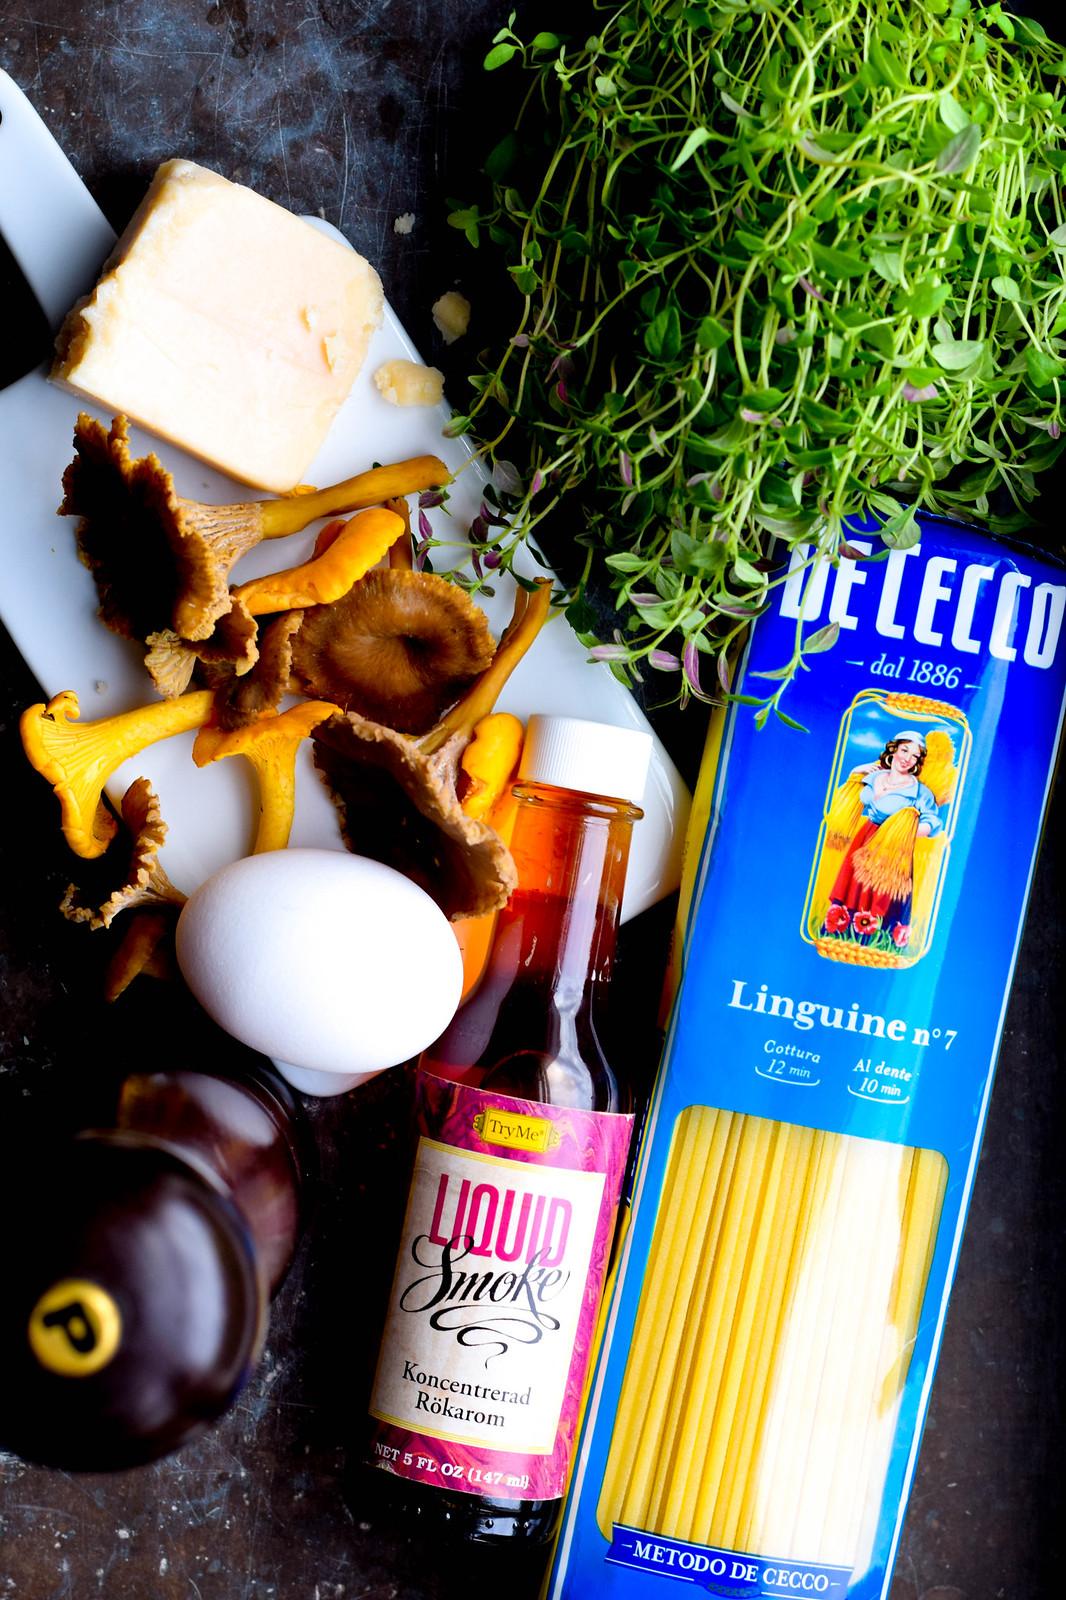 Kantareller, parmesan, ägg med skal, liquid smoke, linguine, färsk timjan fotade ovanifrån